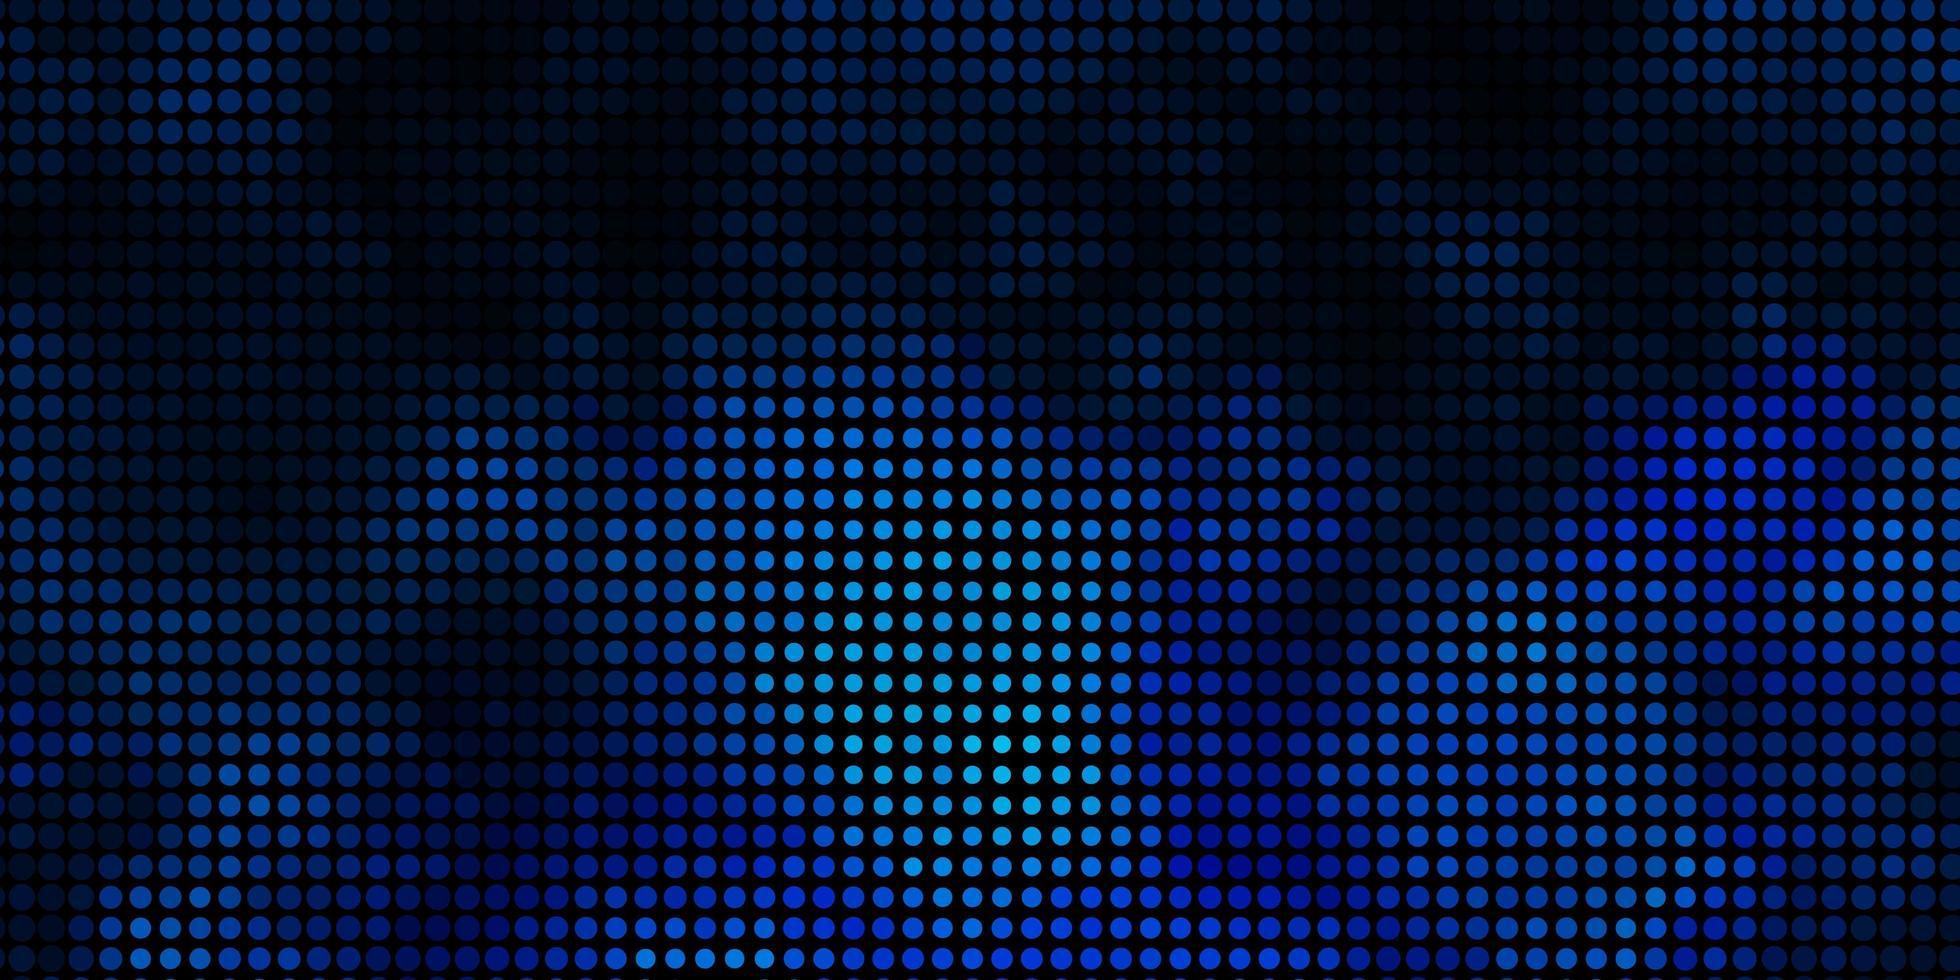 lichtblauwe vector achtergrond met bubbels.